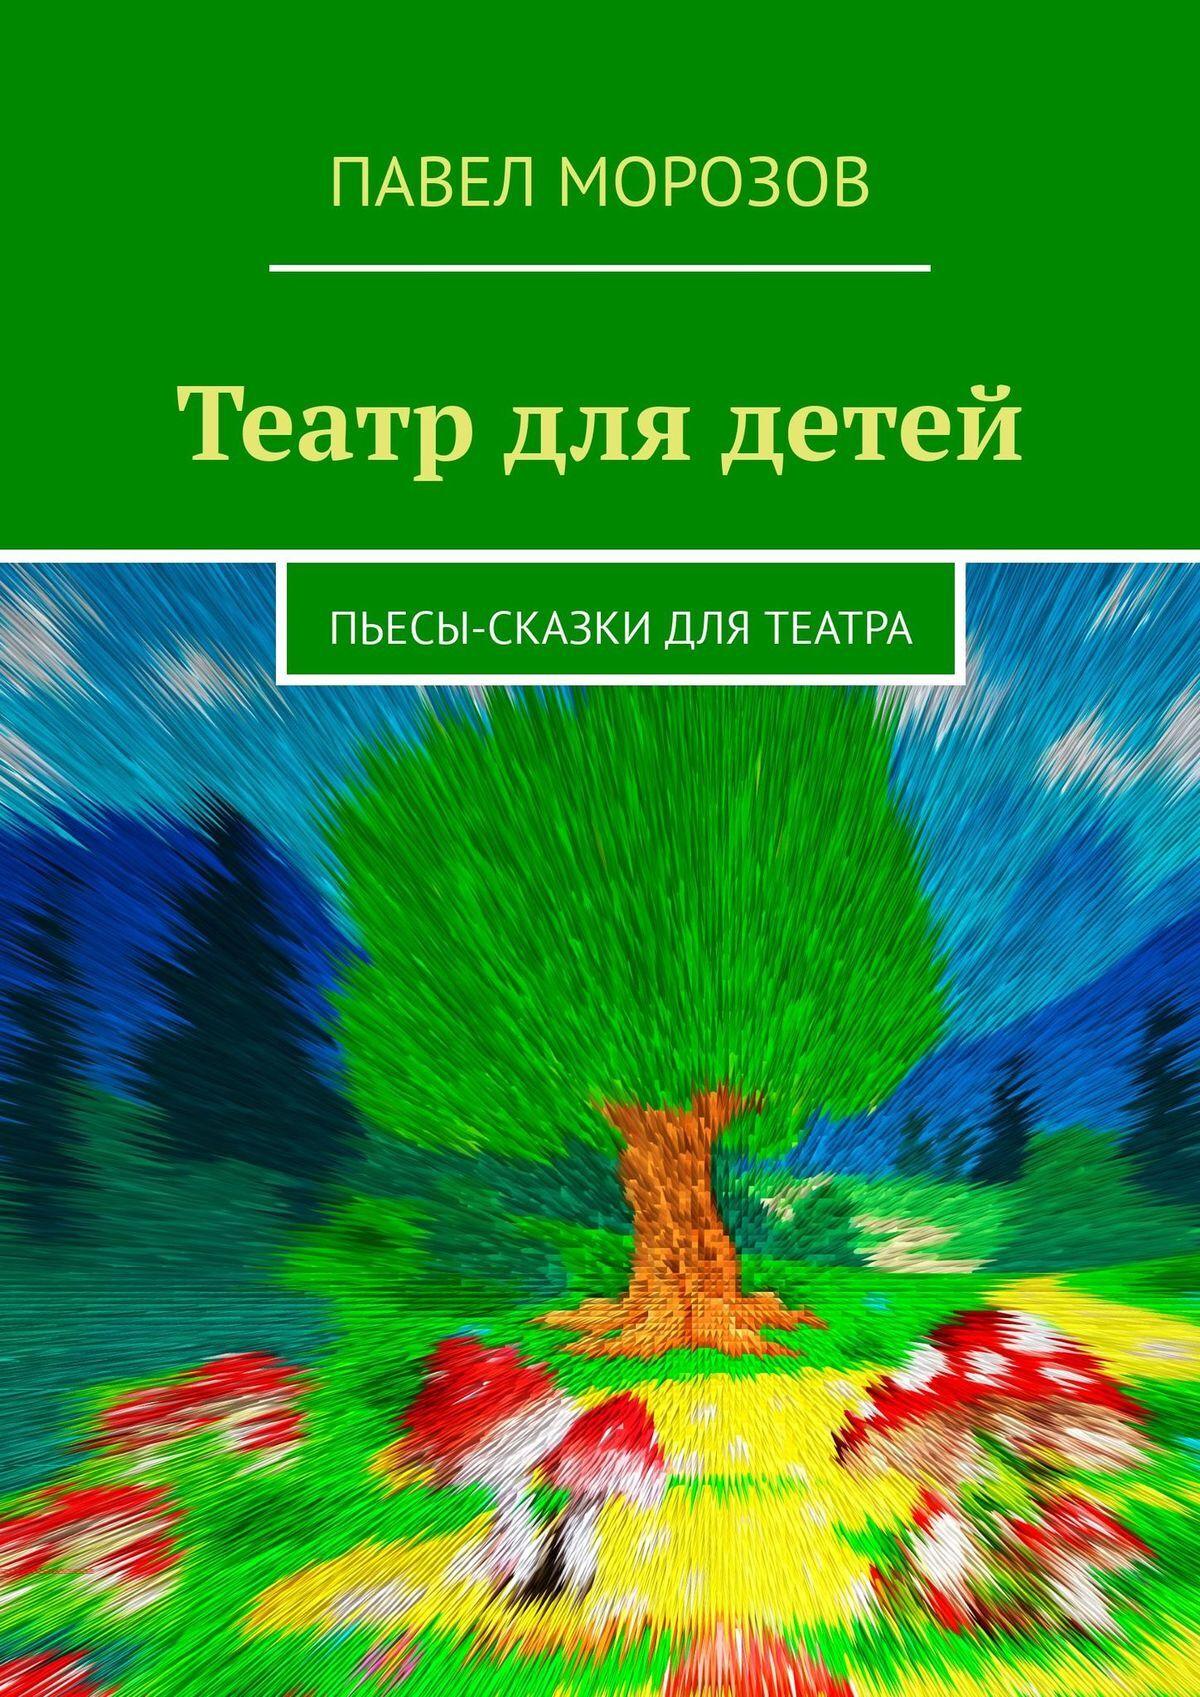 Павел Морозов Заячье дерево. И другие сказки для театра павел морозов шишли мышли мышиная история для театра